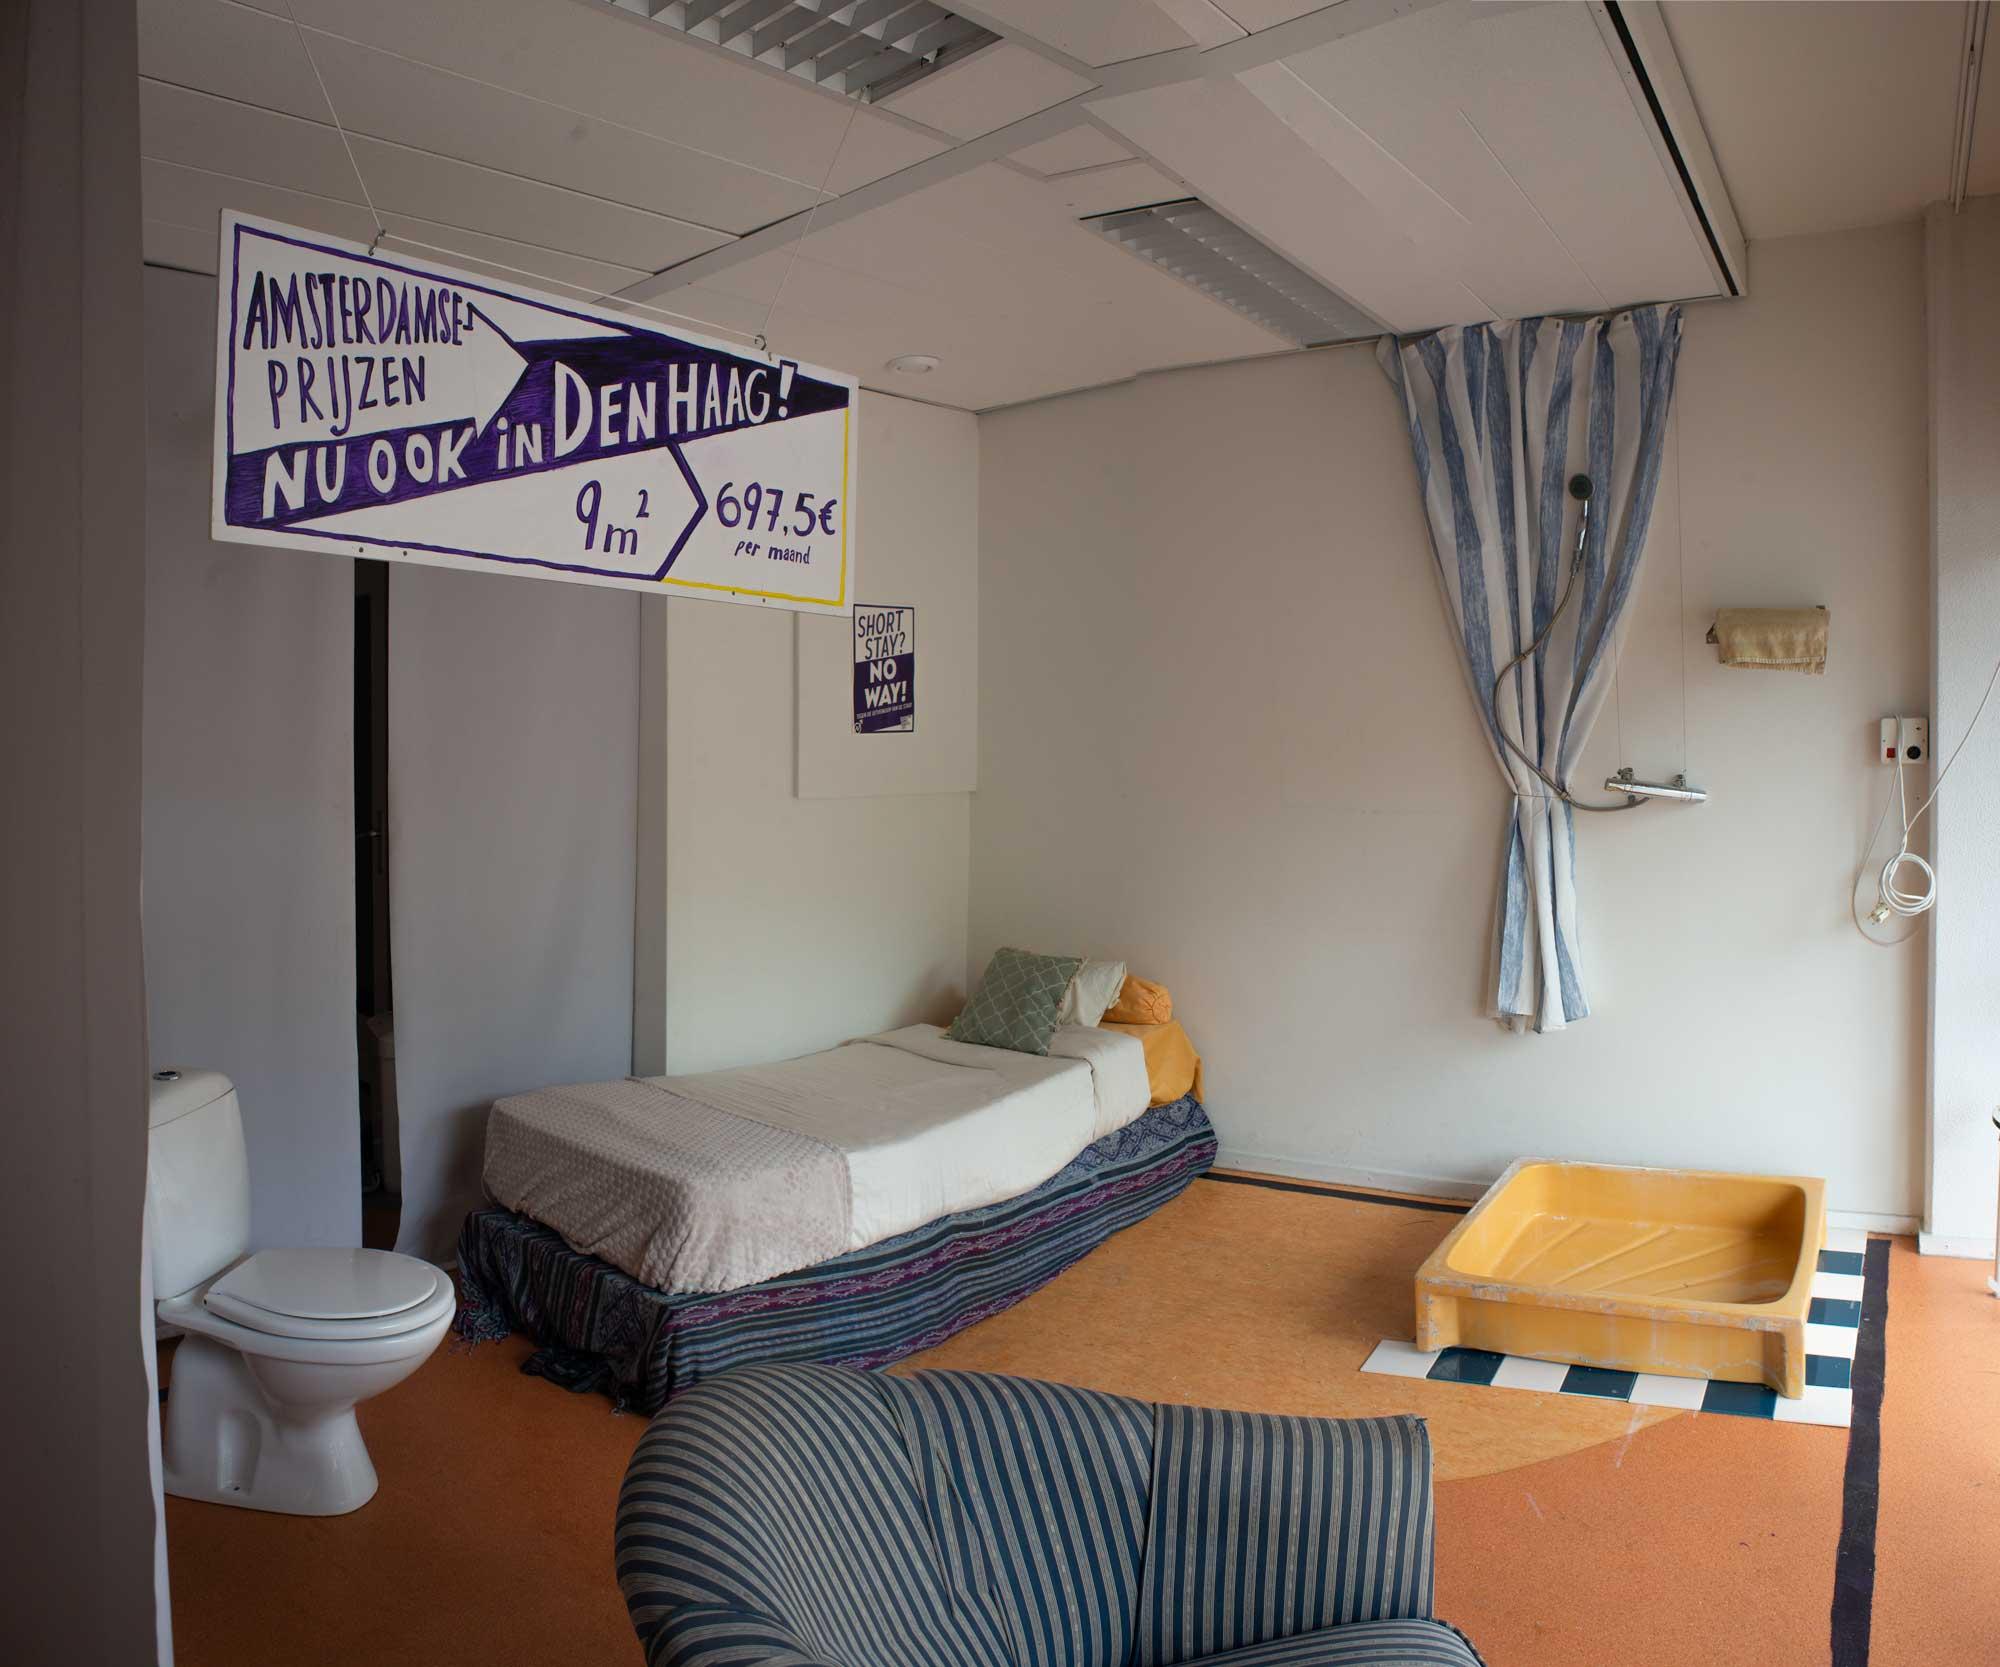 Je zeit een kamer van 3x3 vierkante meter. Links hangt een witte bord met paars letters, die zegd: Amsterdamse Prijzen - Nu ook in Den Haag! 9m2 voor 697,5€ per maand. Links staat een WC, rechts daarvan een eenpersonsbed,rechts daarvan een geel douchbak met een douchgordijn. Er is ook nog een lounge stoel. De kamer zit erg vol.